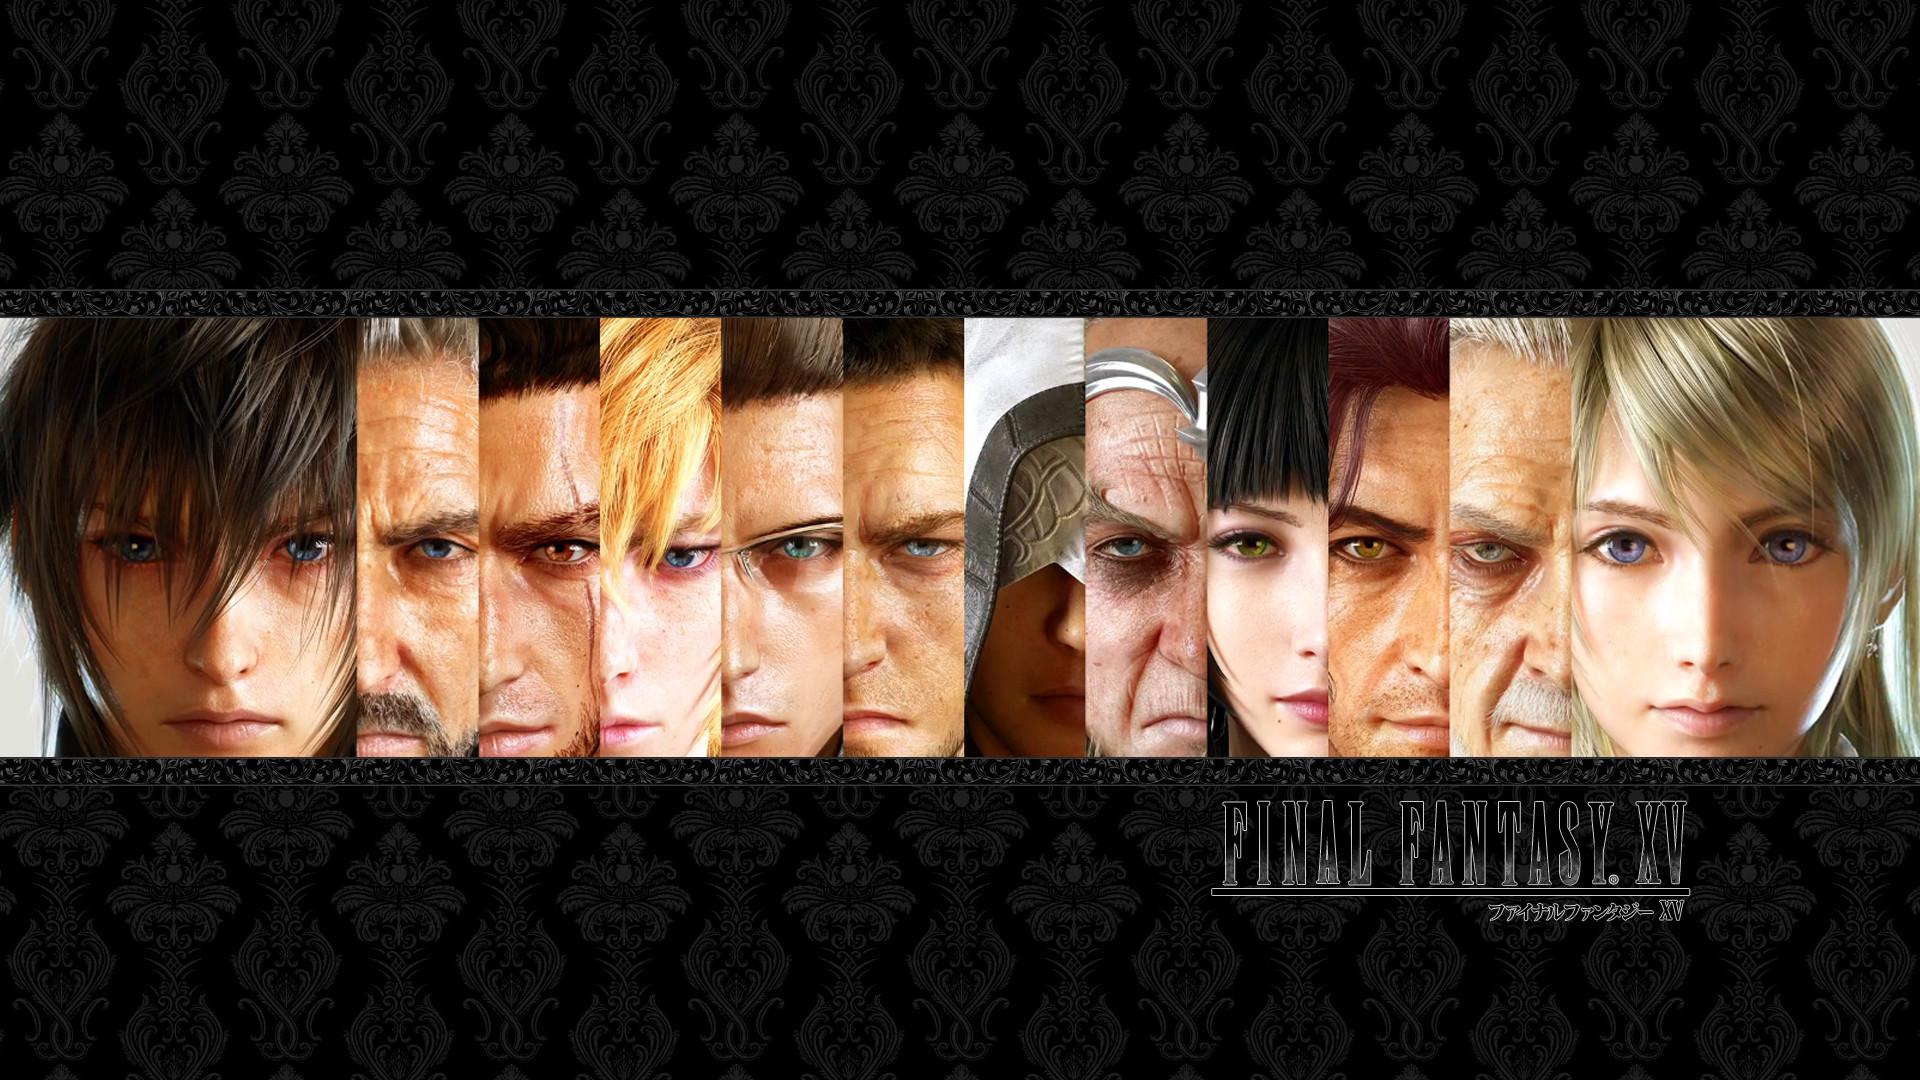 New Final Fantasy XV Wallpaper Wallpaper